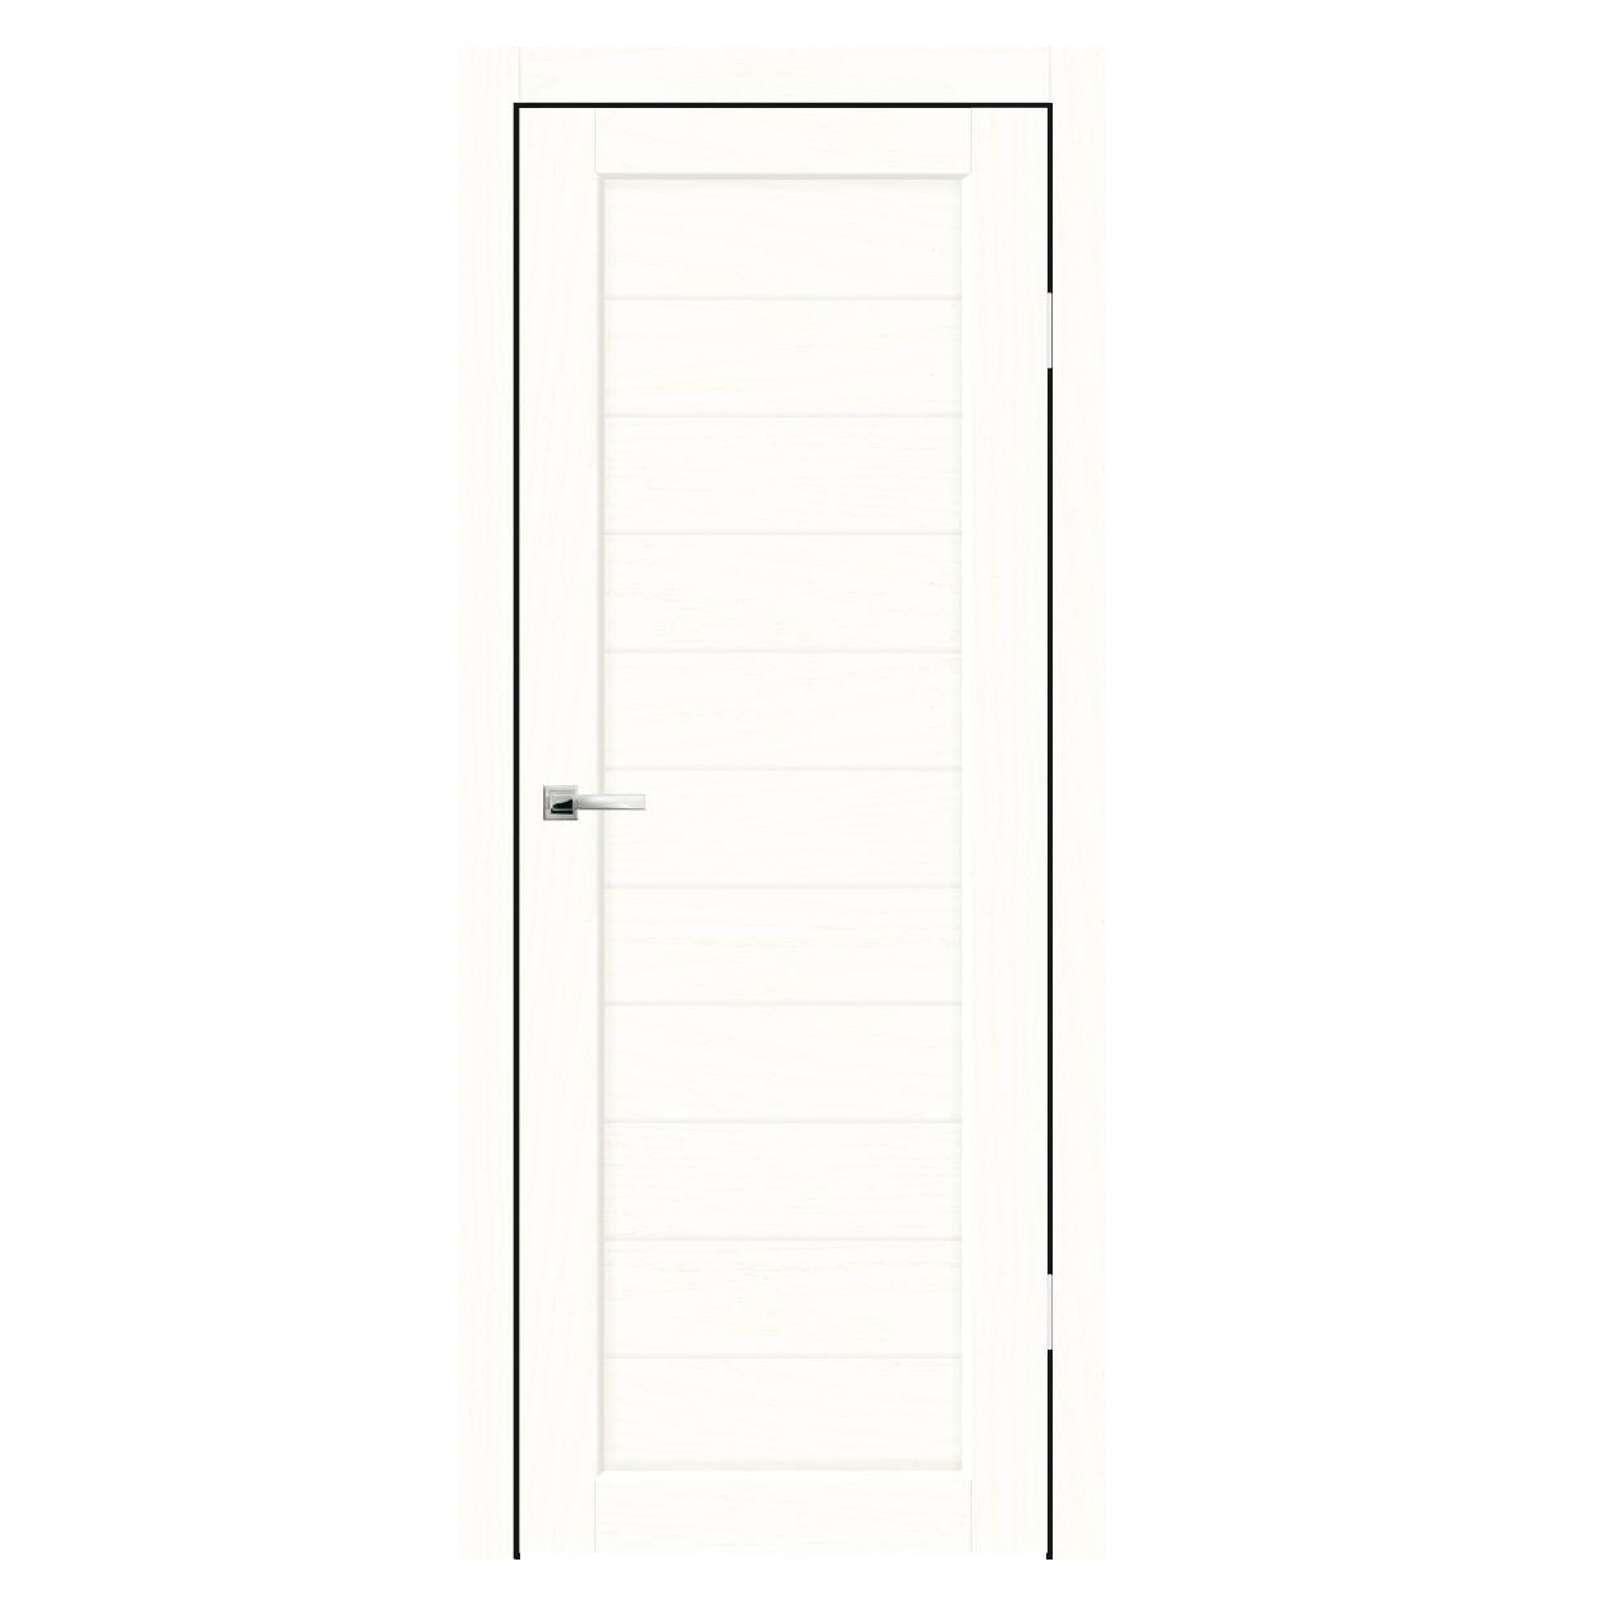 Дверное полотно Синержи Легро, Белый ясень, ПДГ 800Х2000ММ